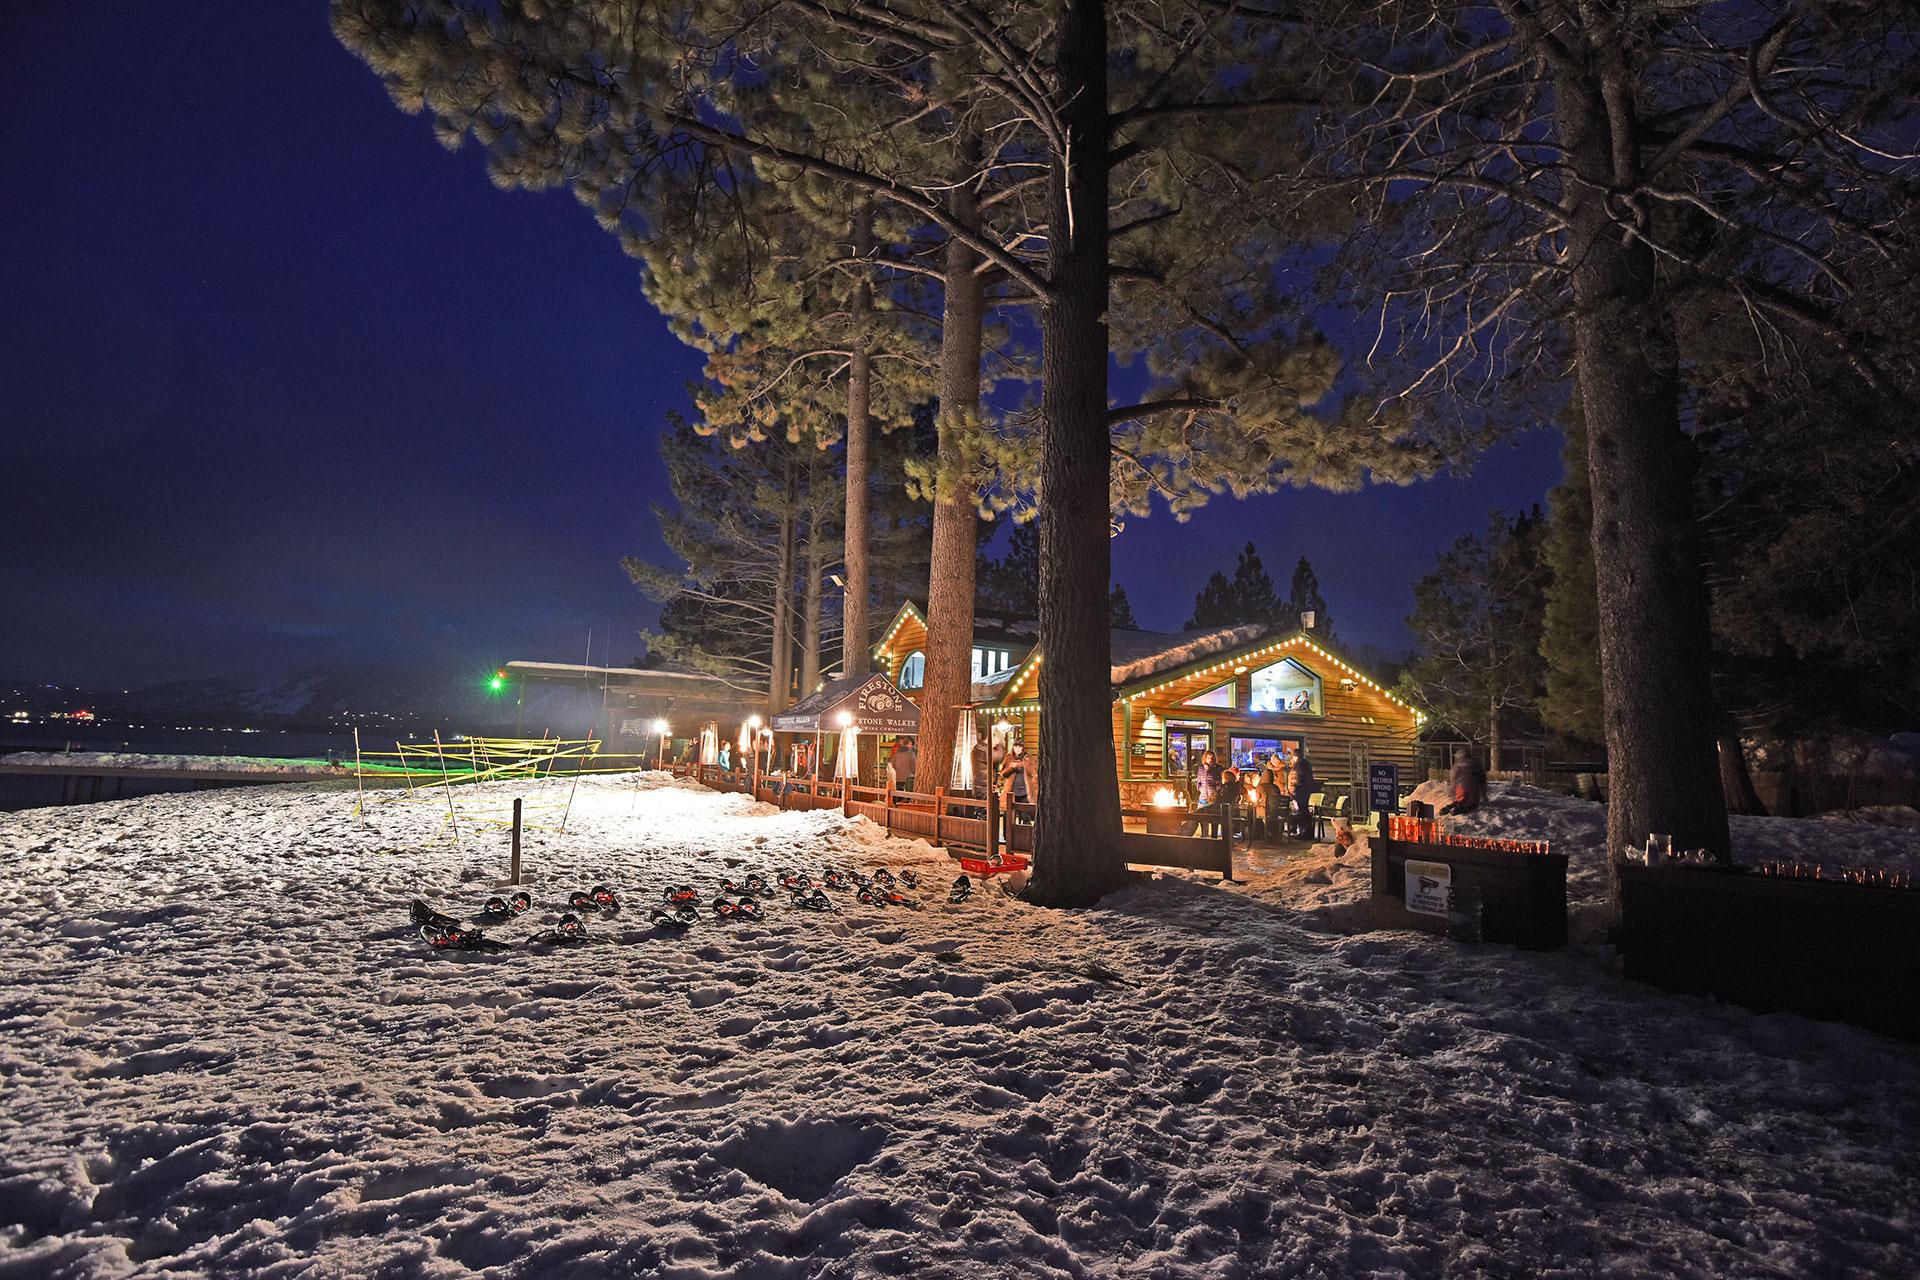 Camp Richardson Resort in South Lake Tahoe, CA